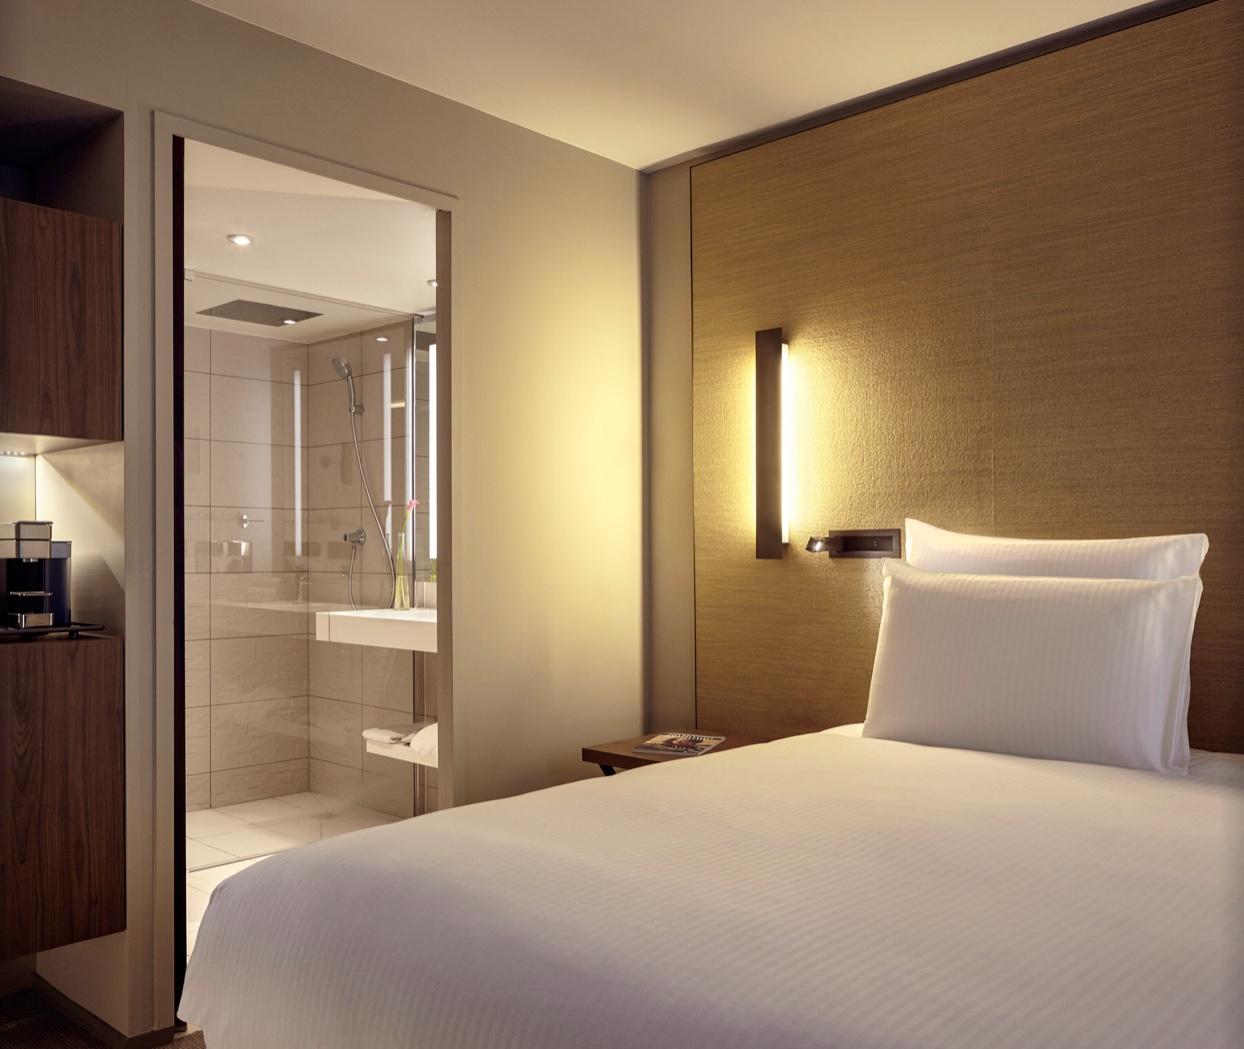 Hotel Room - Hotel Pullman Paris at CDG